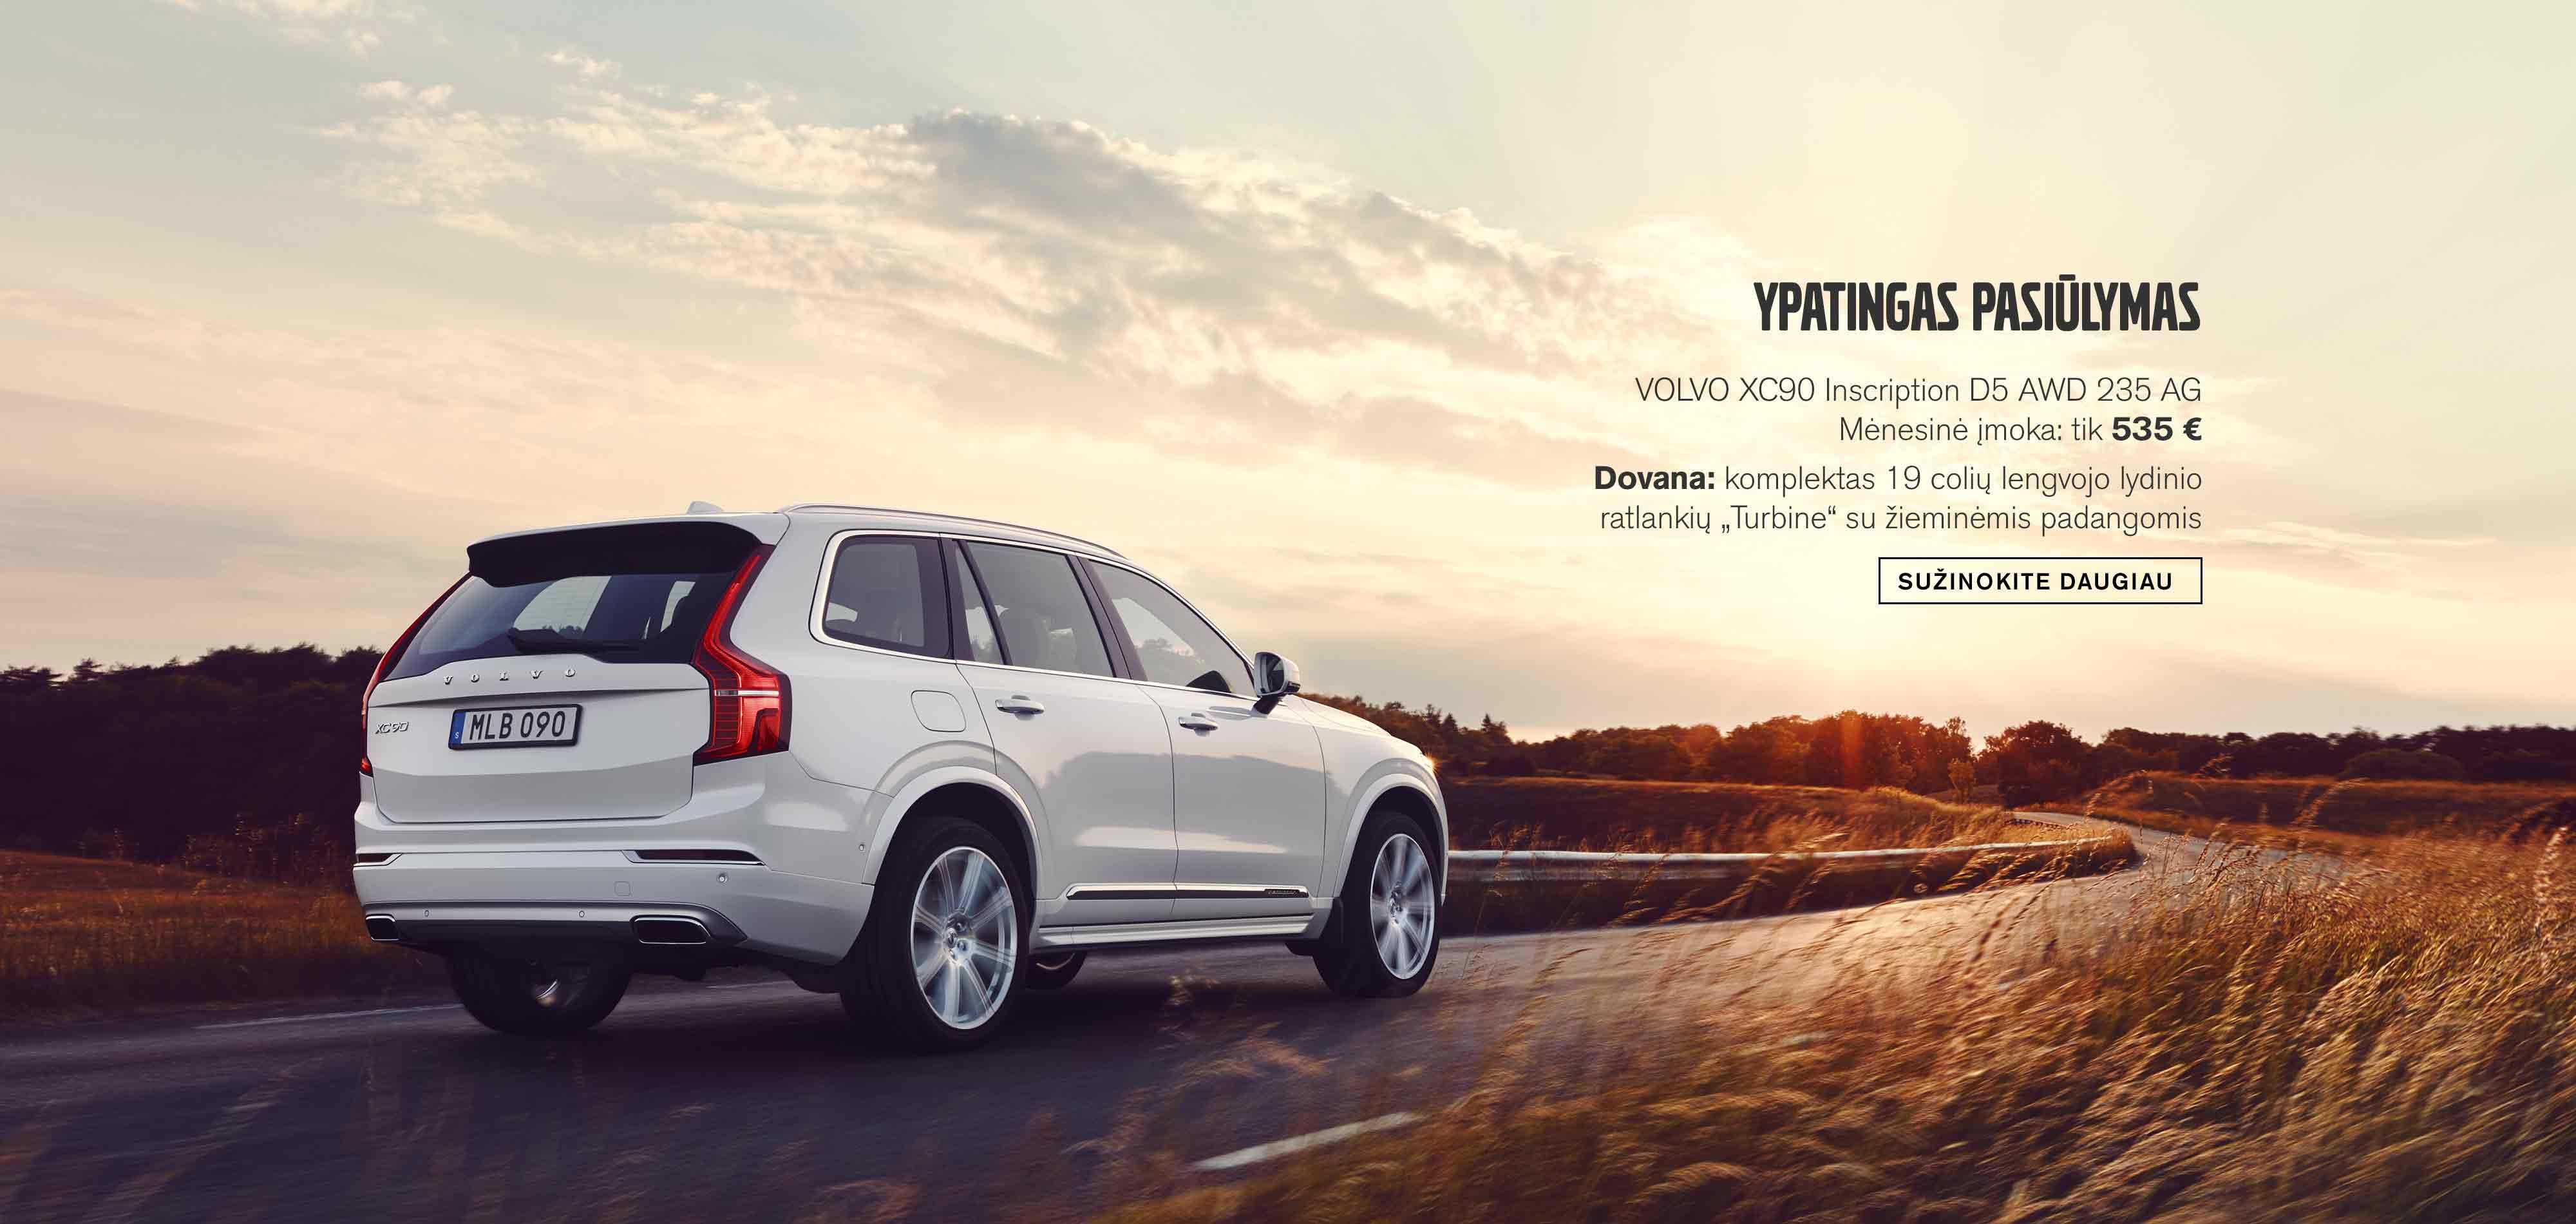 Volvo XC90 Ypatingas pasiūlymas